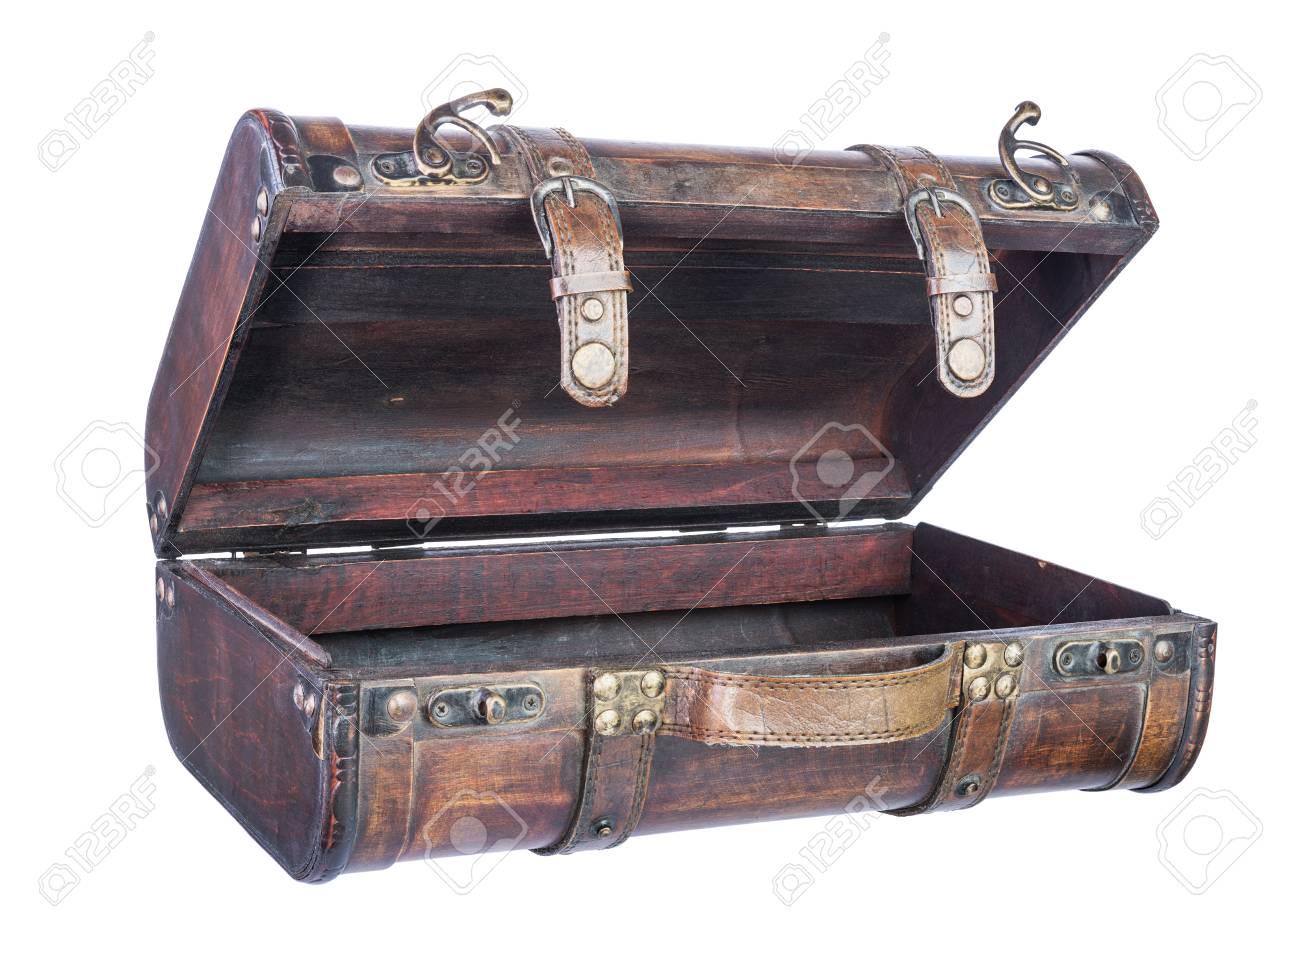 valise en bois Banque du0027images - Valise en bois rétro isolé sur fond blanc